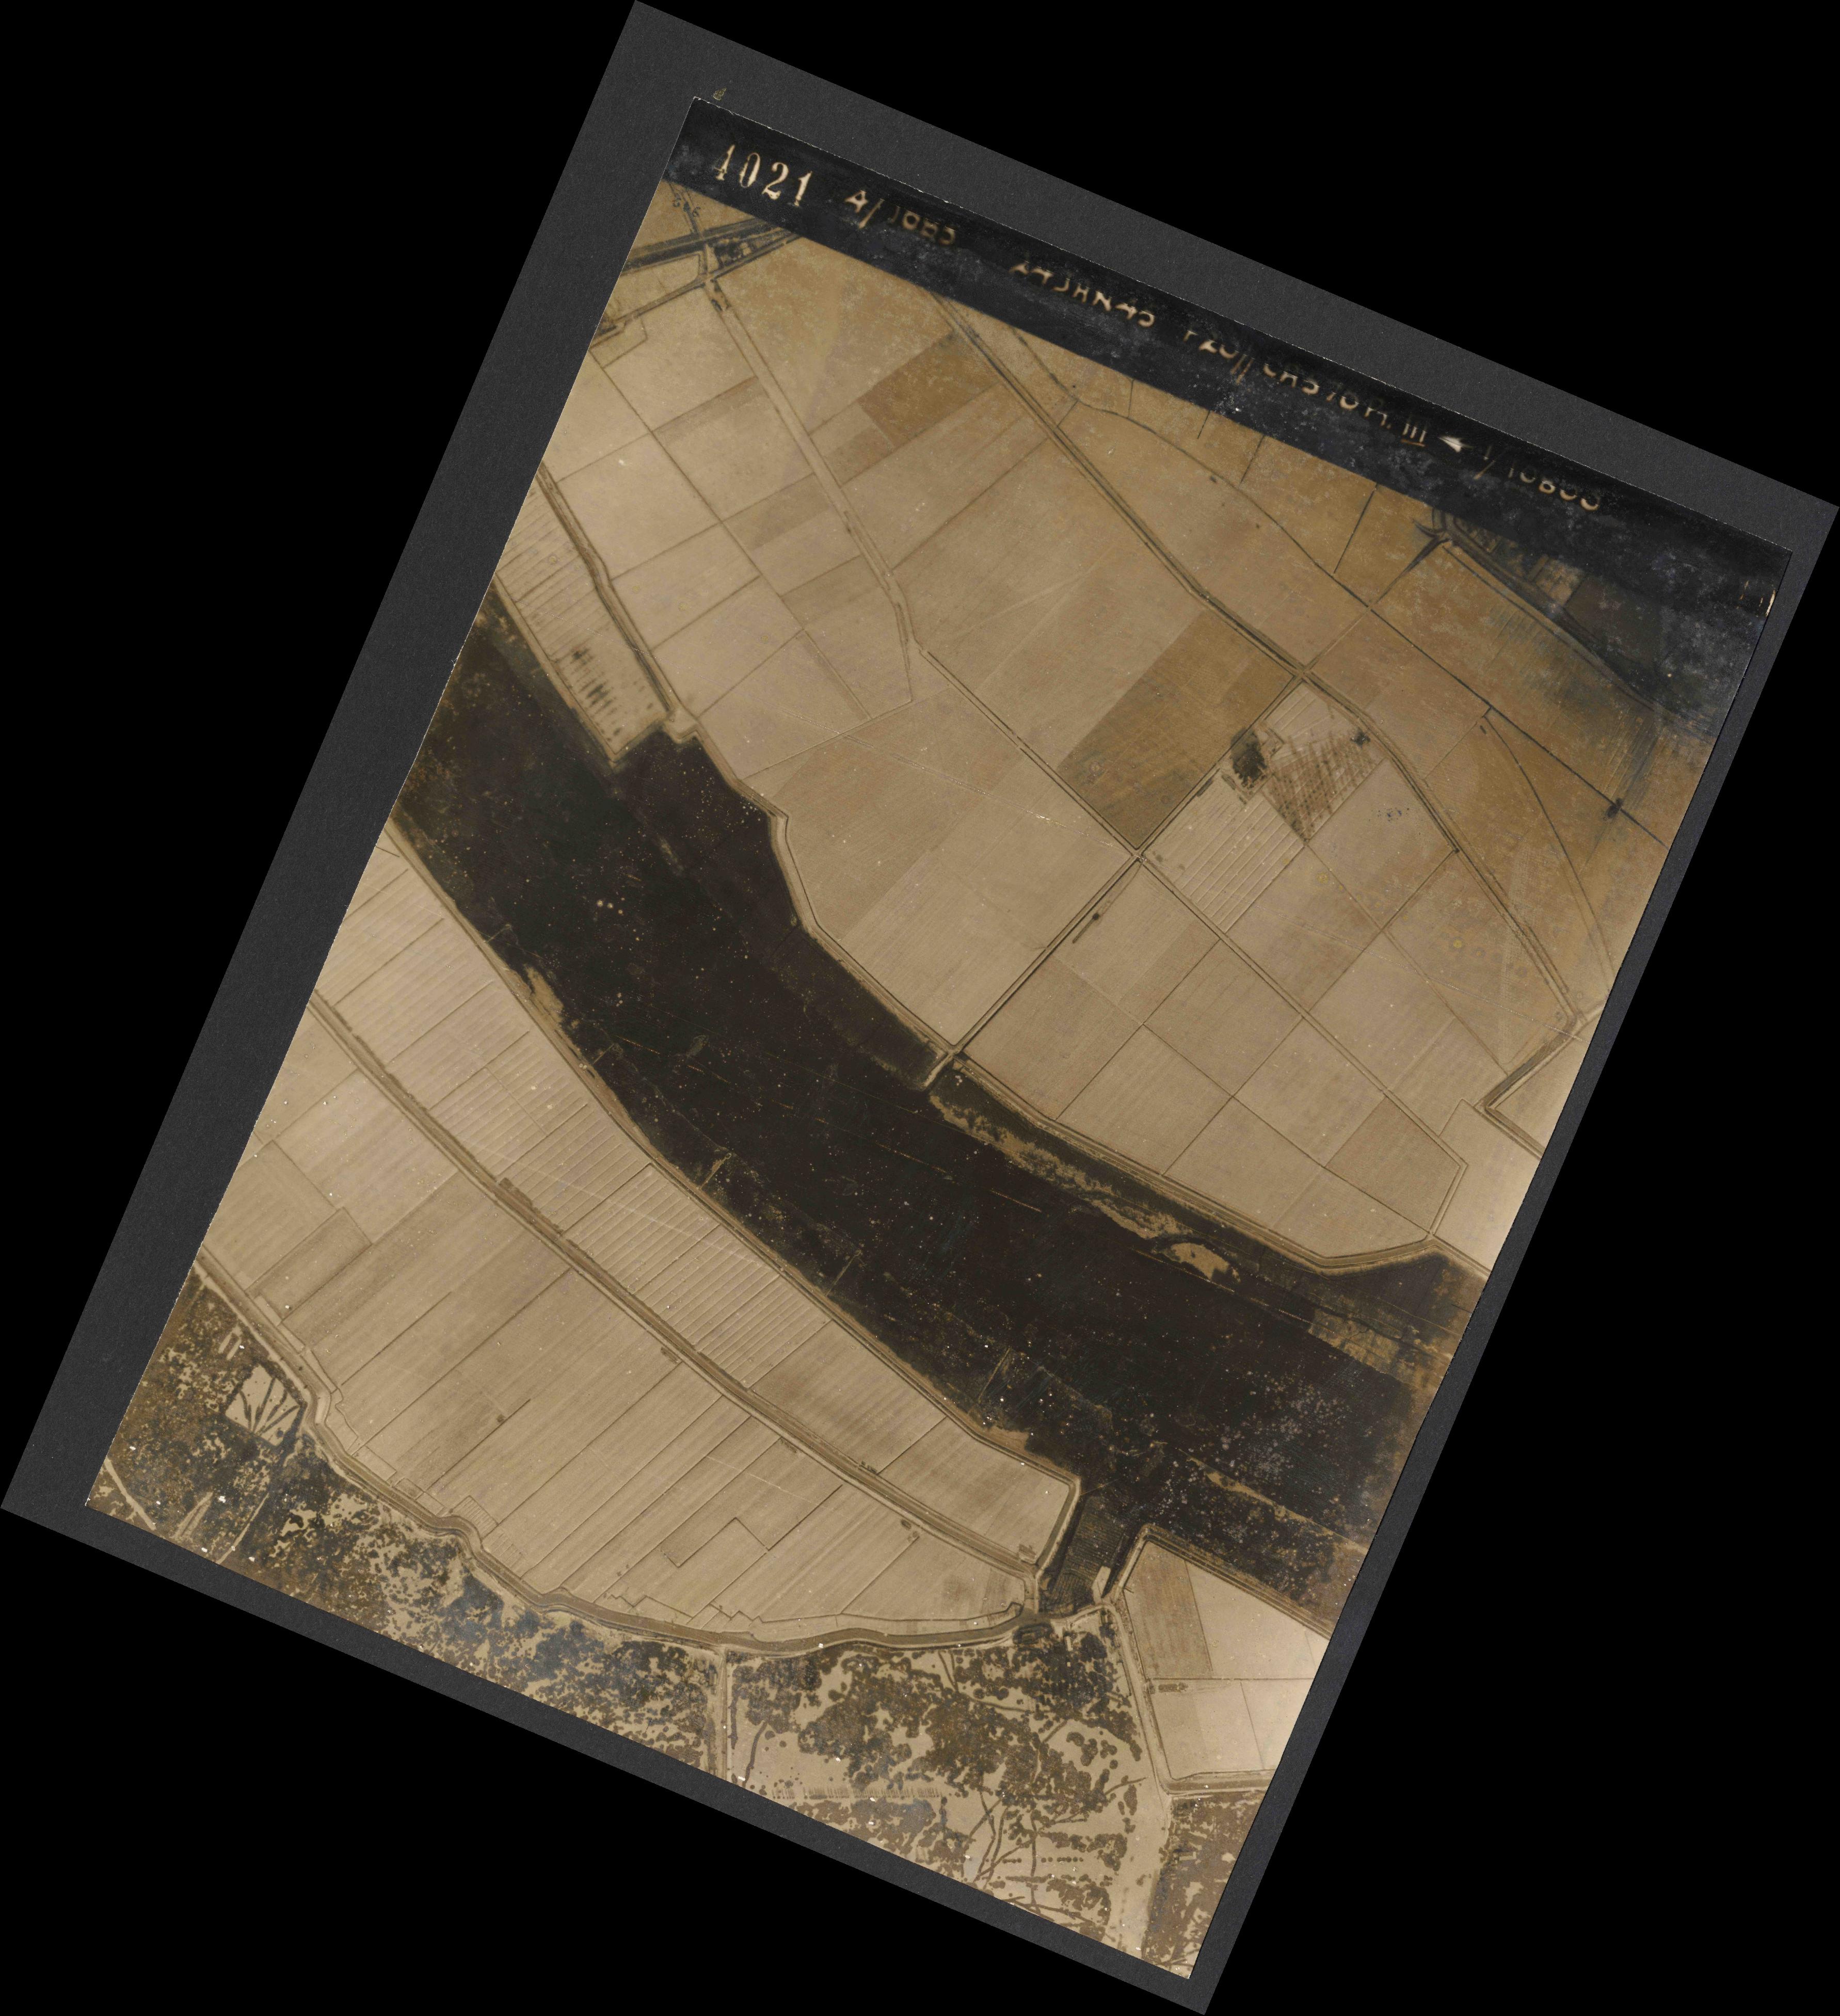 Collection RAF aerial photos 1940-1945 - flight 086, run 05, photo 4021